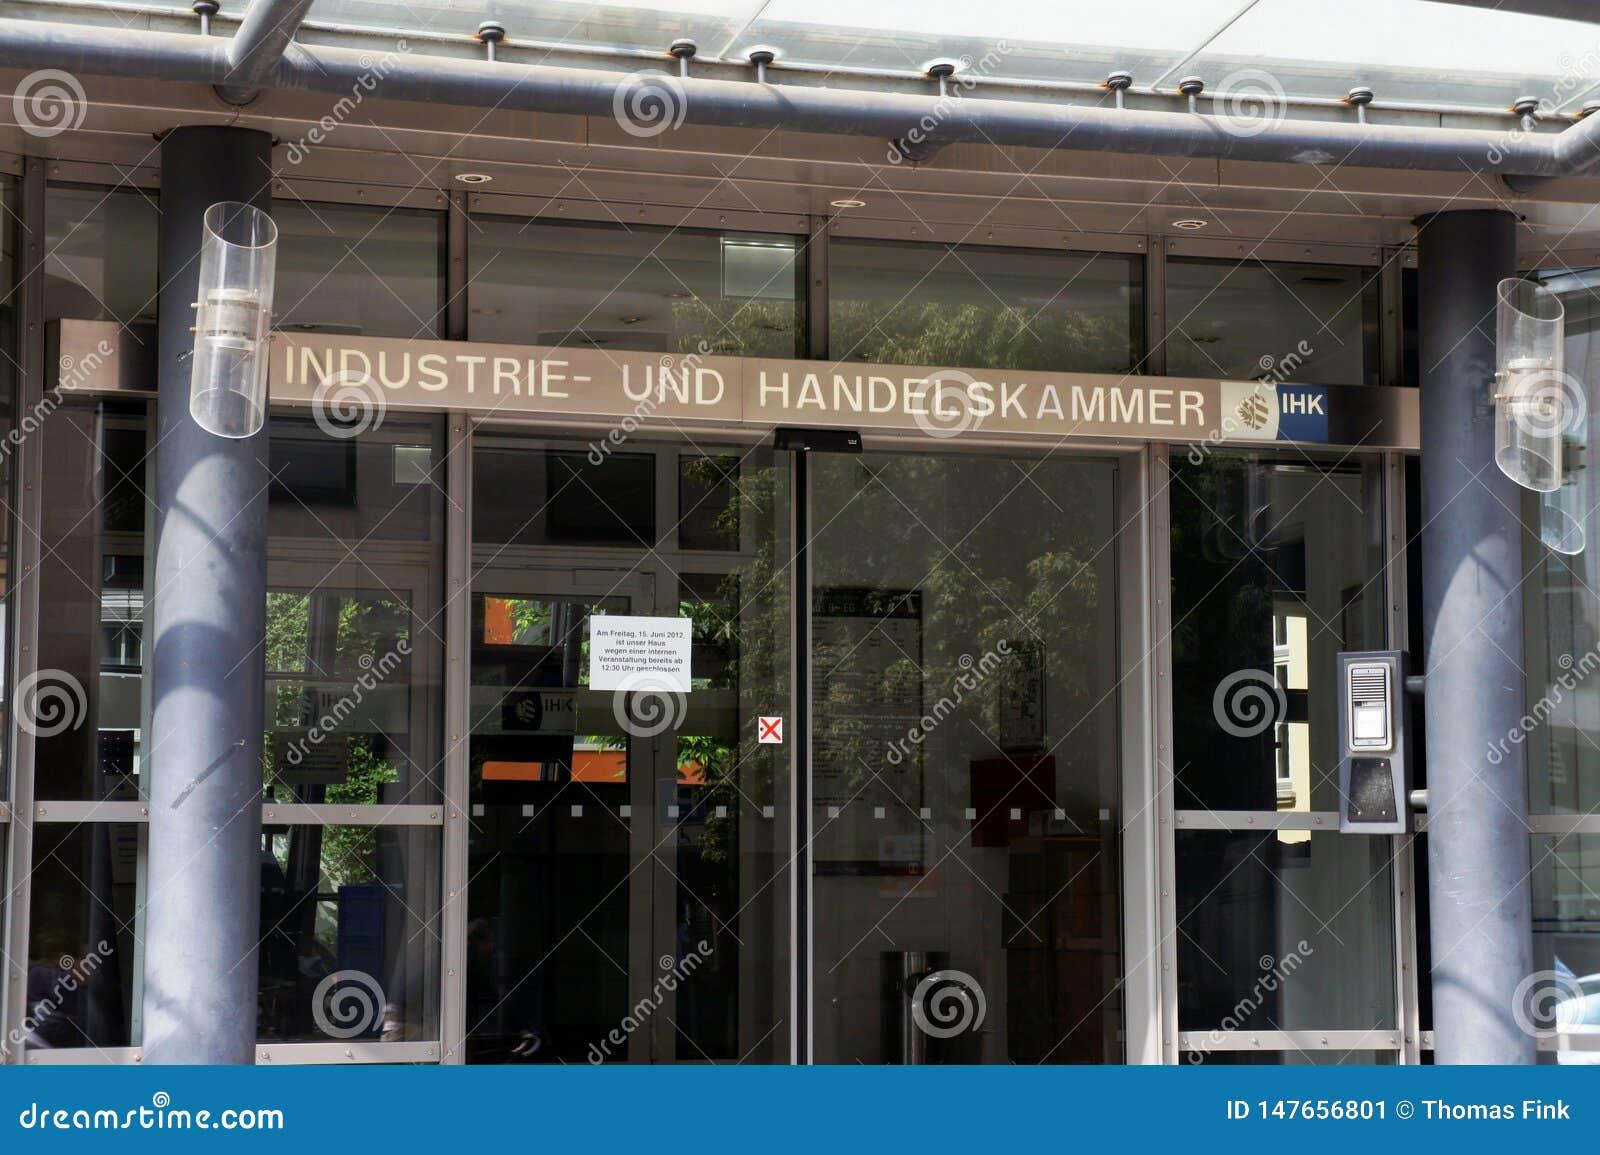 Industrie und Handelskammer στη Νυρεμβέργη